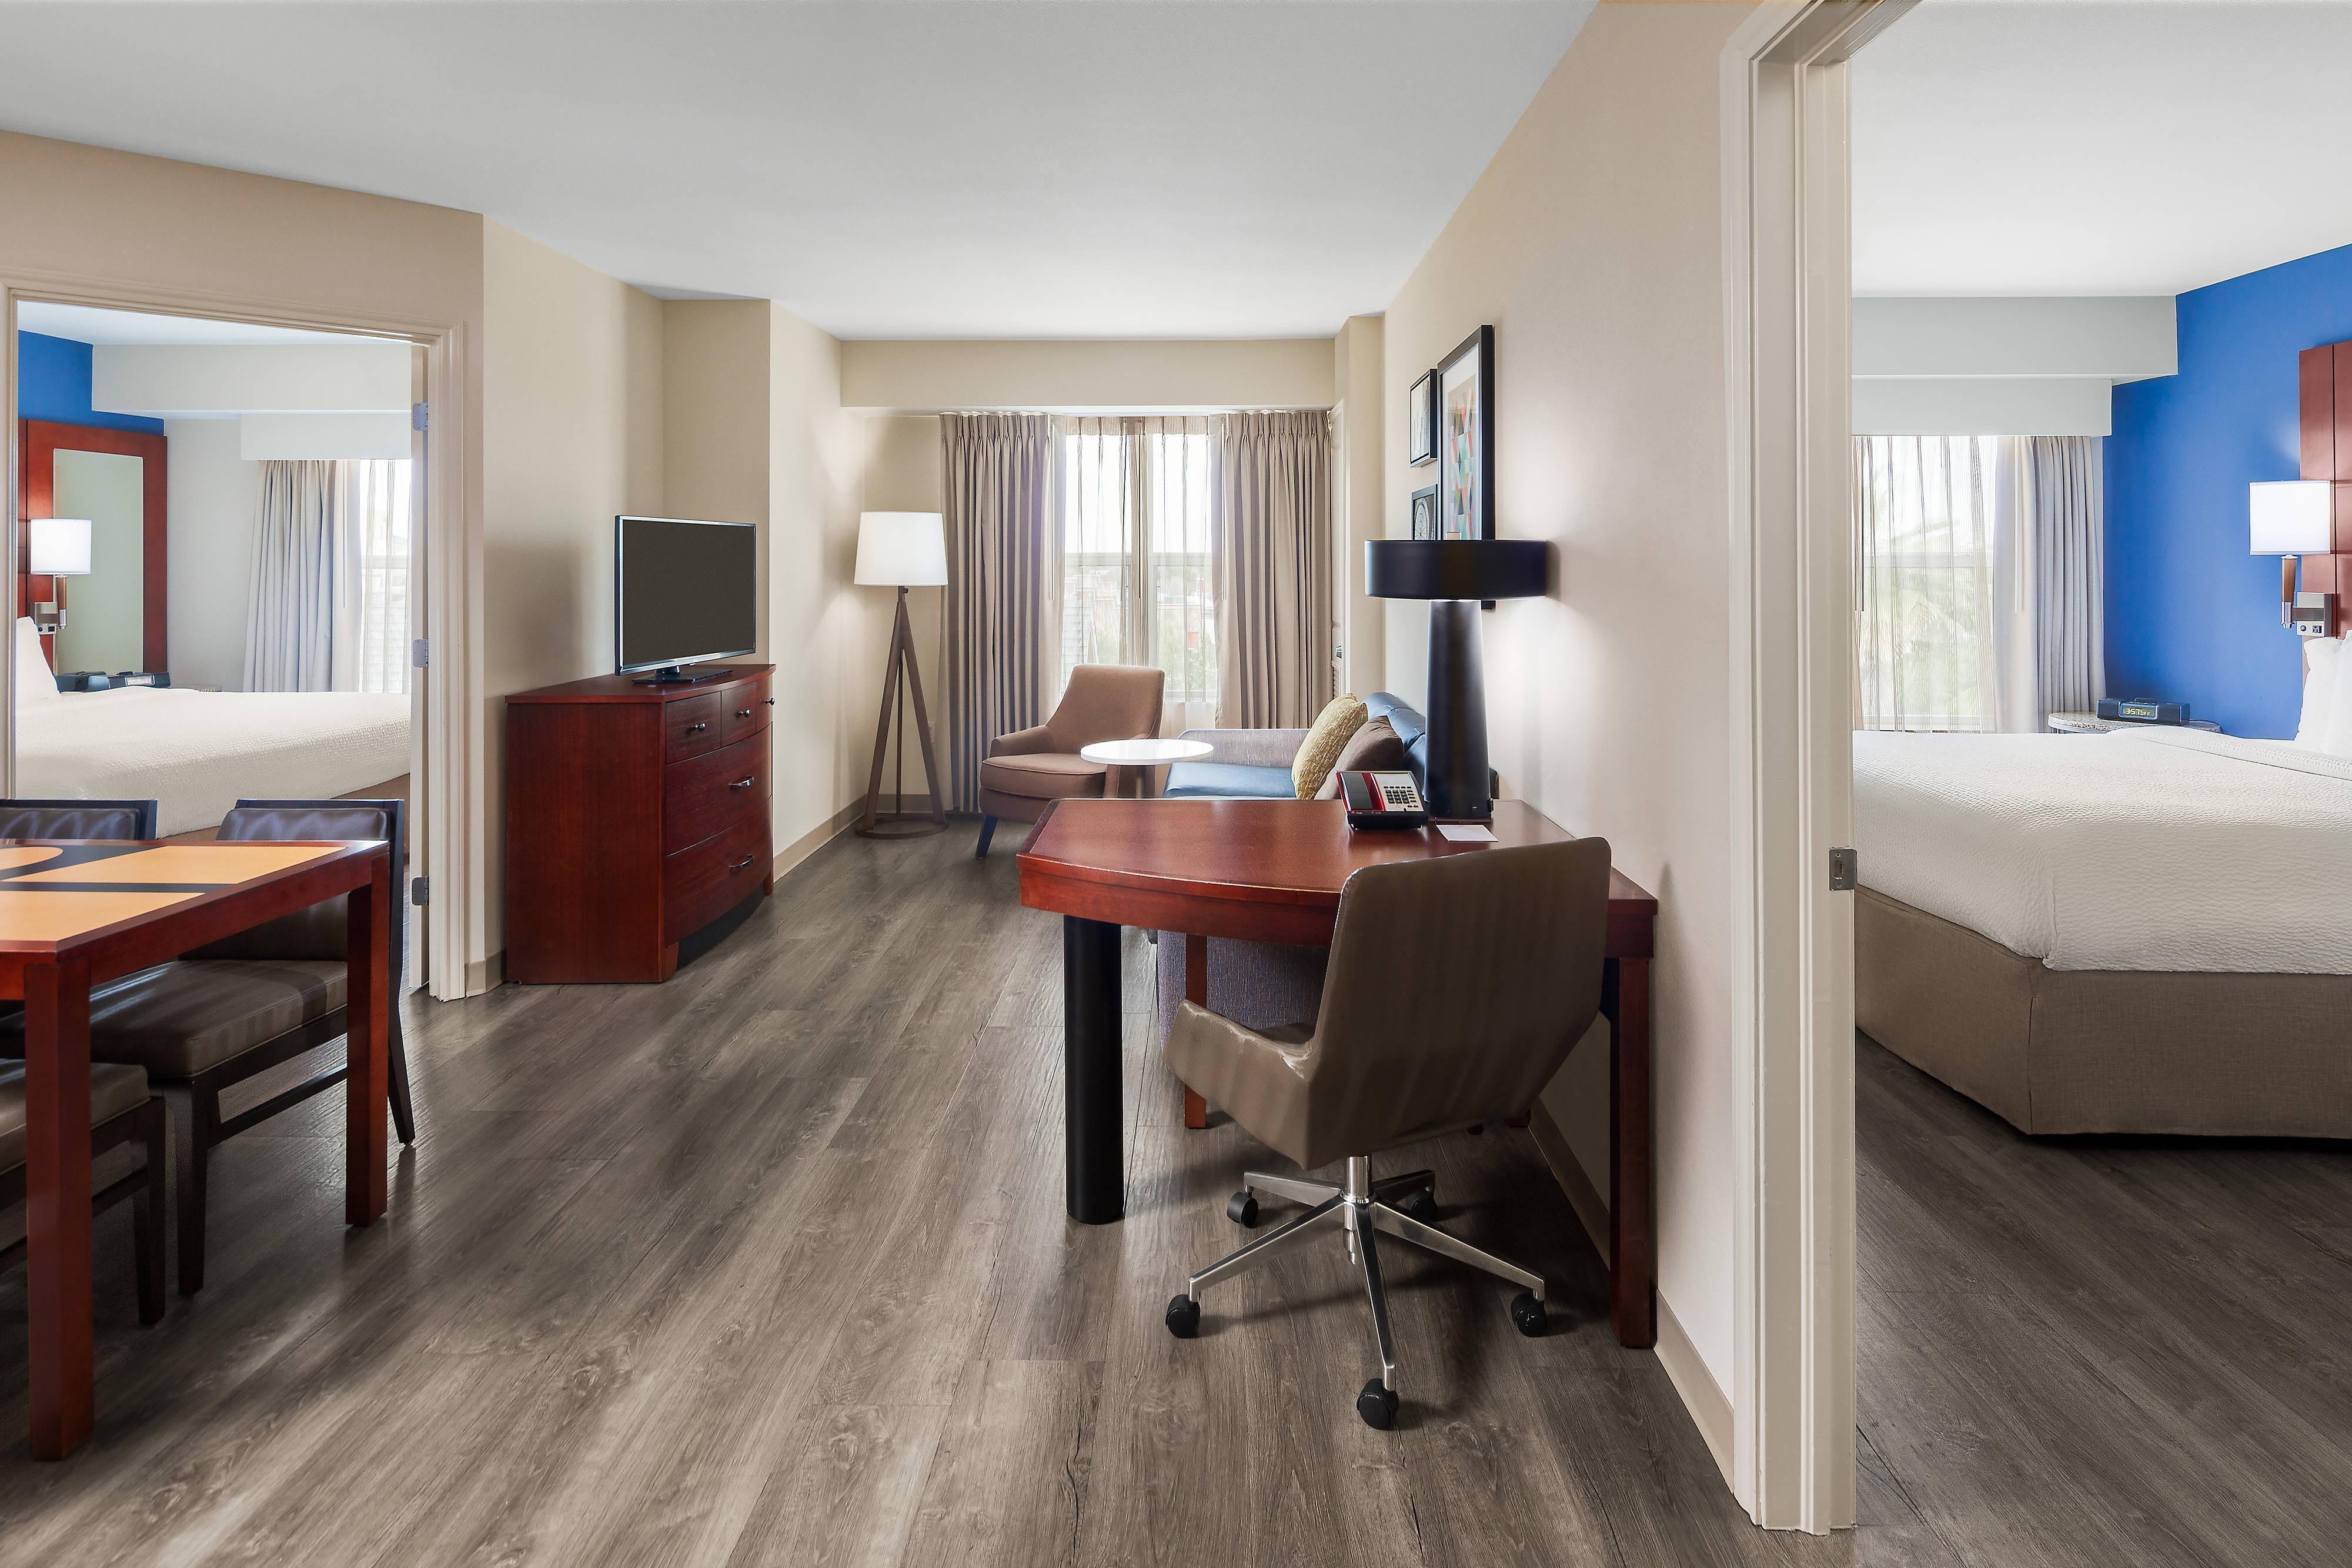 Wohnbereich einer Suite mit zwei Schlafzimmern